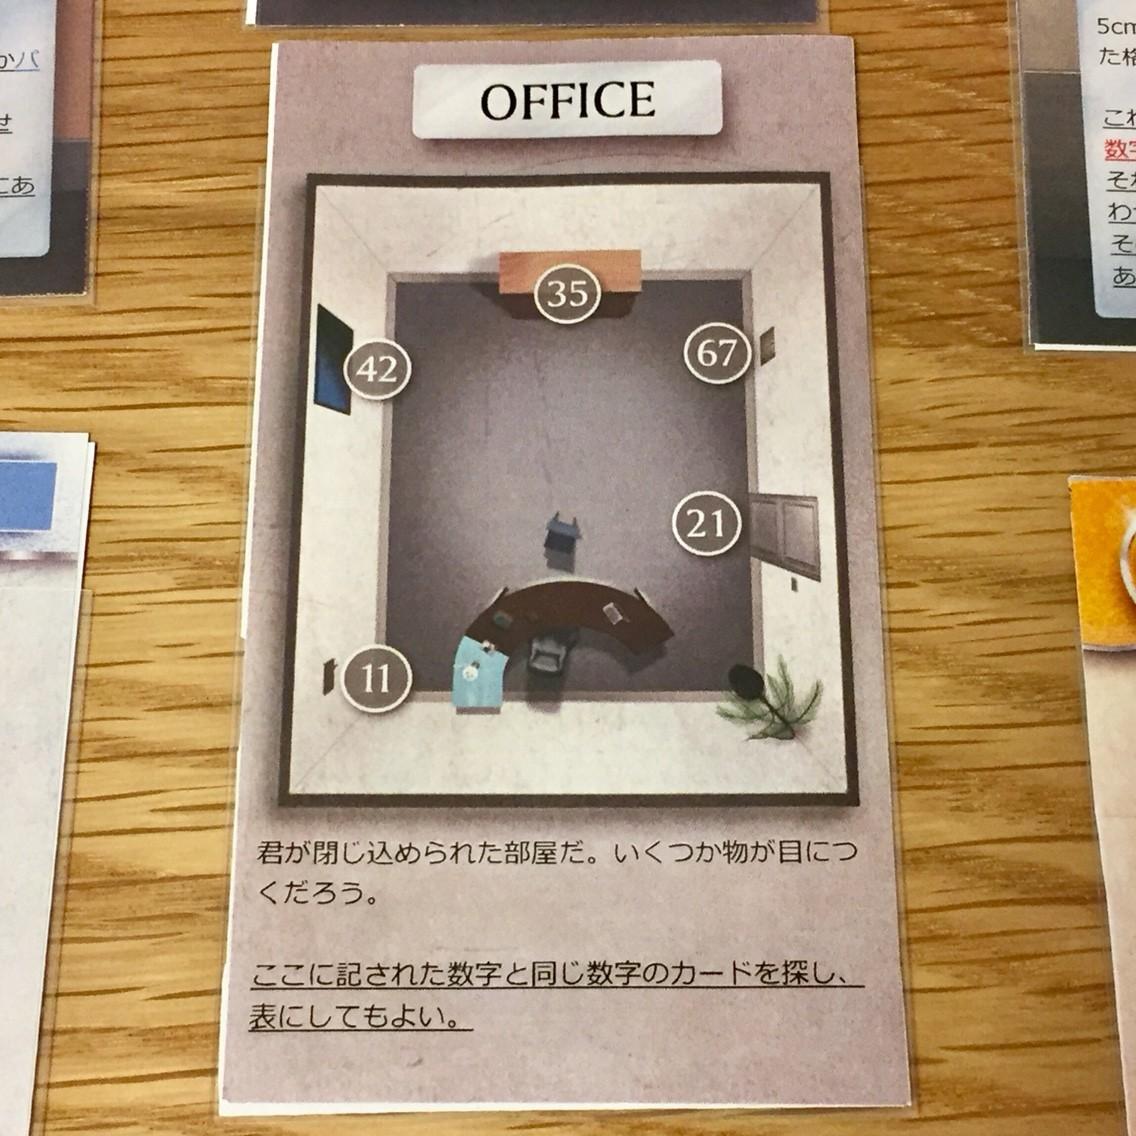 アンロック!(Unlock!):部屋を物色